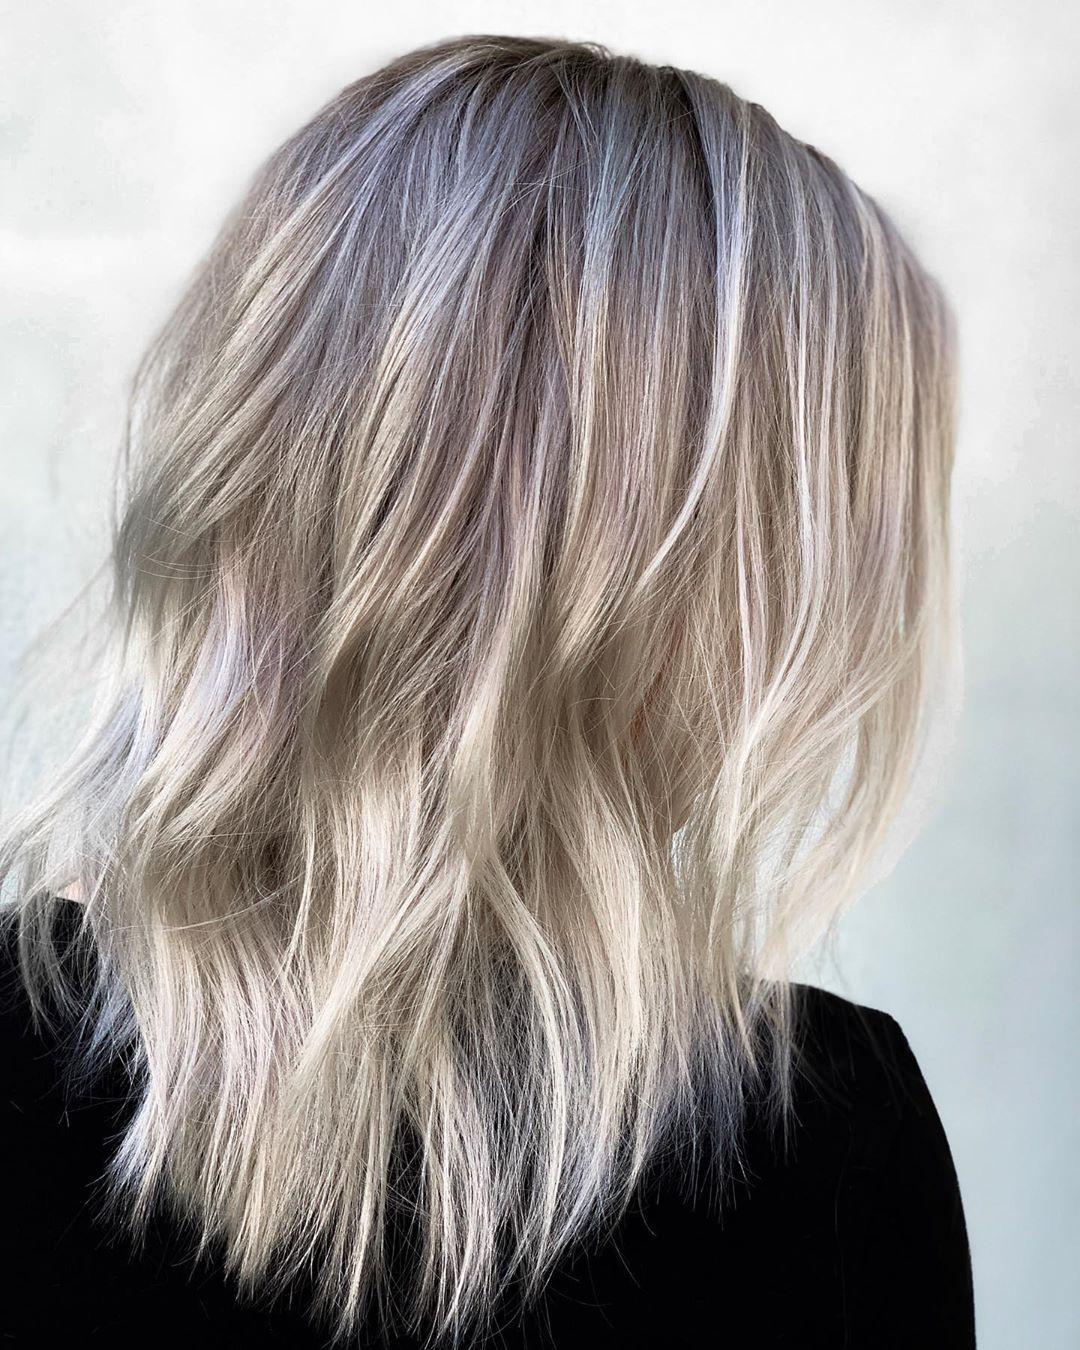 weisse haare grau balayage frisuren silber locken wellen trend haarschnitt junge frau mr roberthair artist on in weisses haar blonde frauen